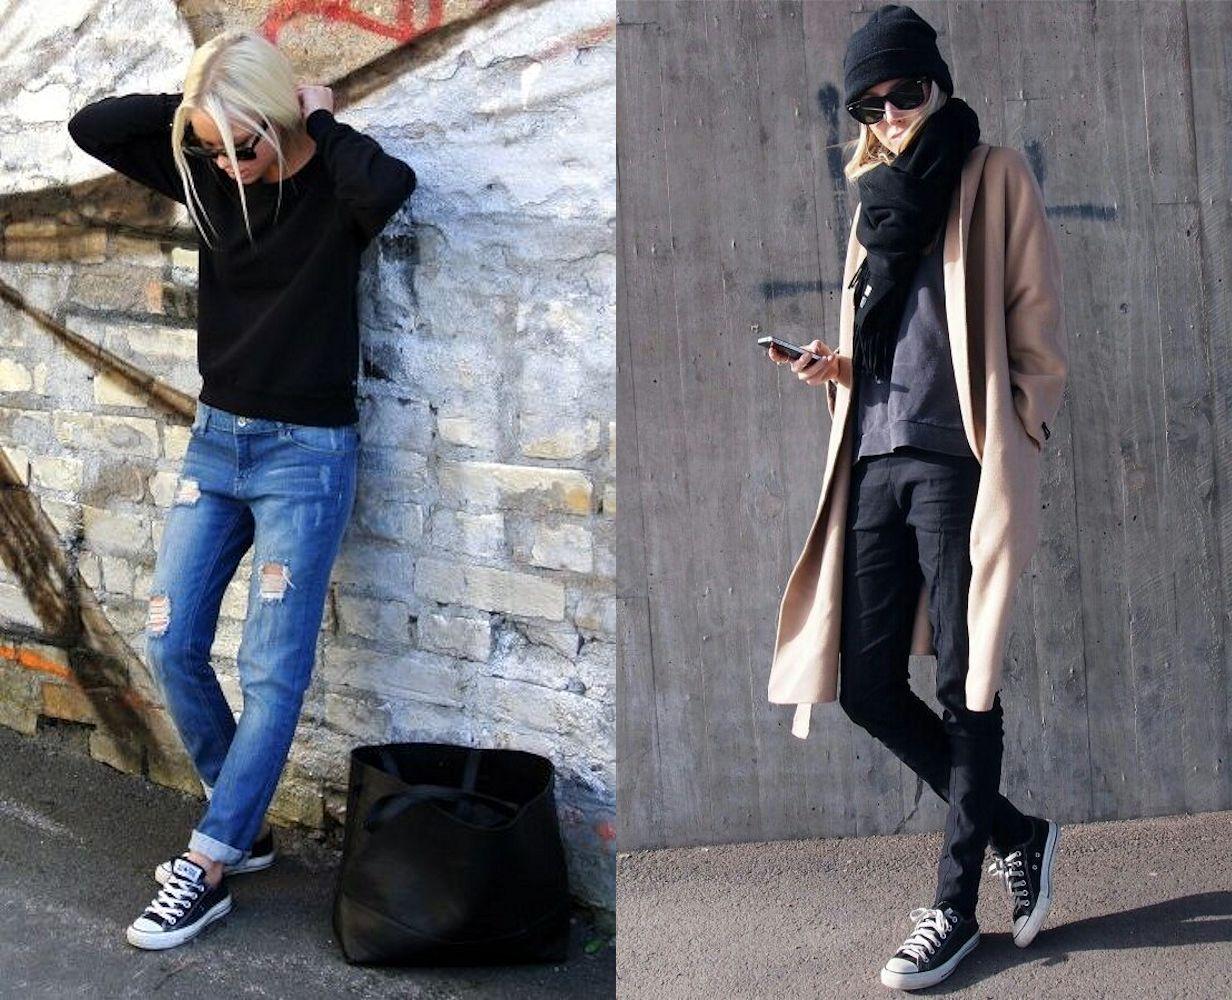 Comment porter des converse noires 10 looks de blogueuses copier - Tenue avec basket ...